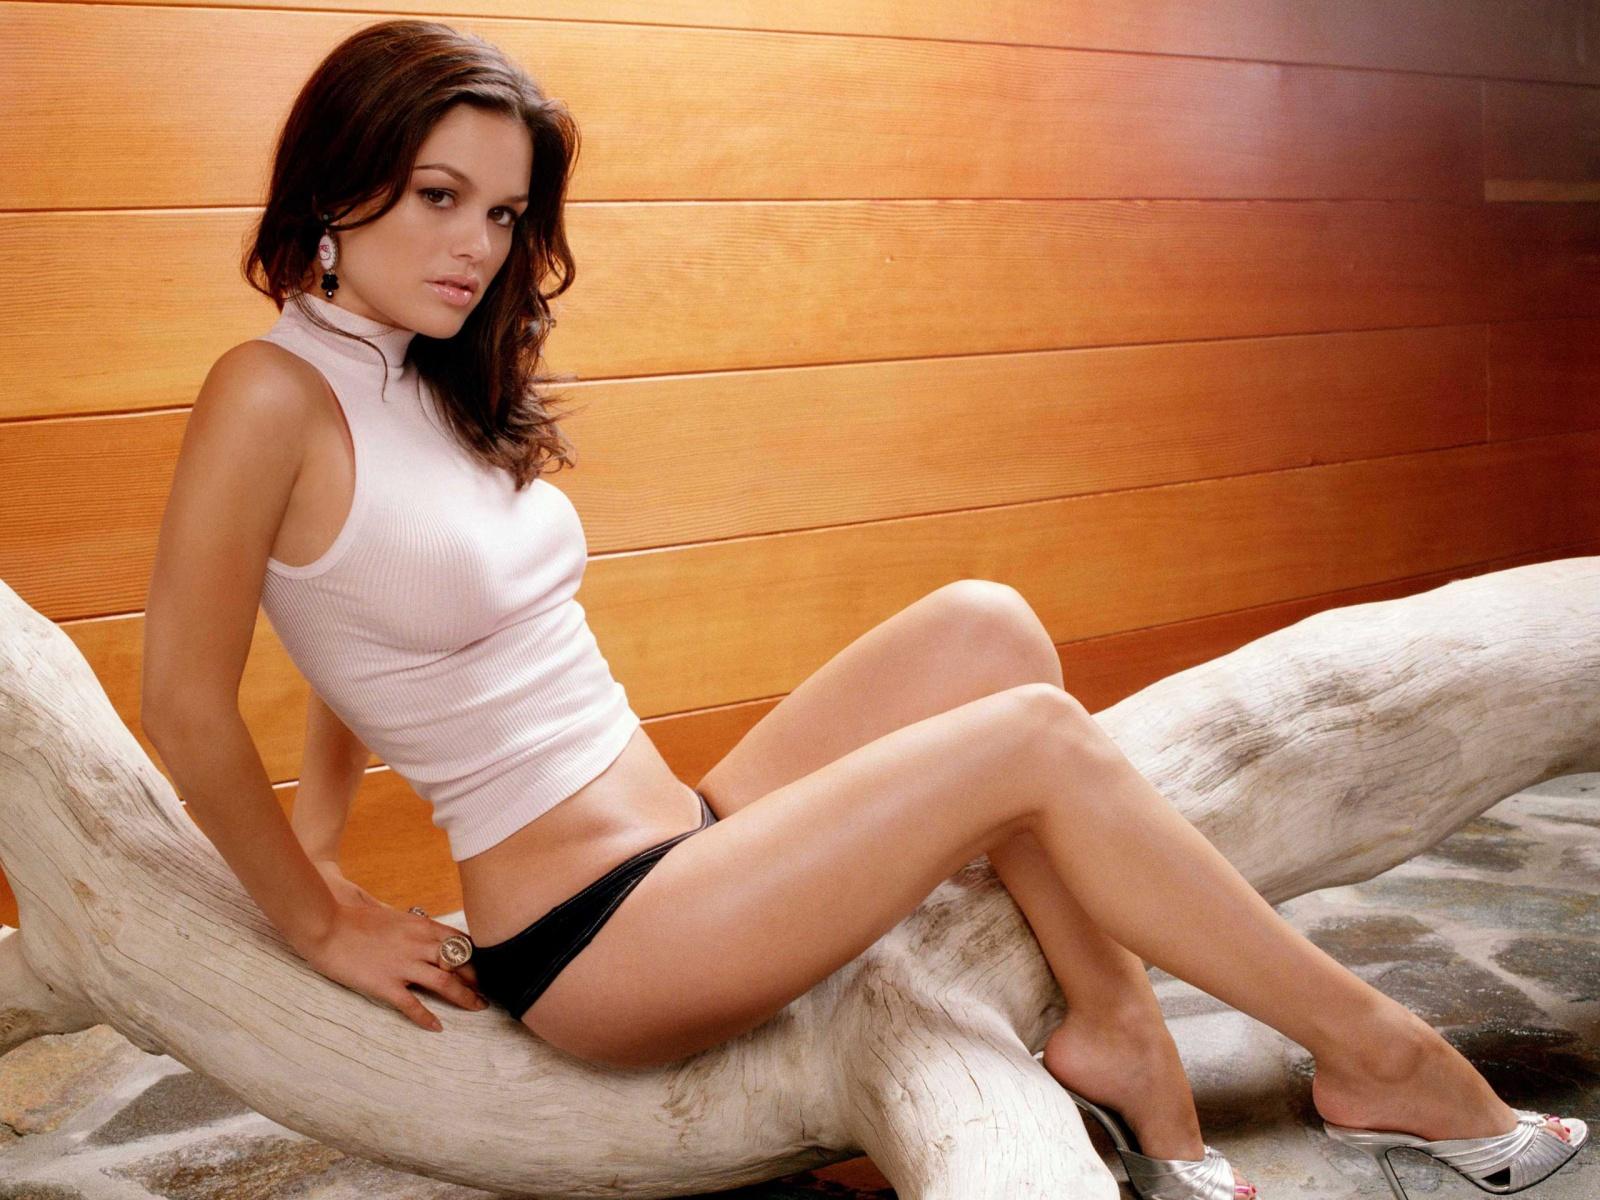 http://1.bp.blogspot.com/-kxaHGkfAvek/Ta7tnfPP57I/AAAAAAAAA0k/DjCV4xXEolk/s1600/rachel_sarah_bilson_hot_wallpaper.jpg